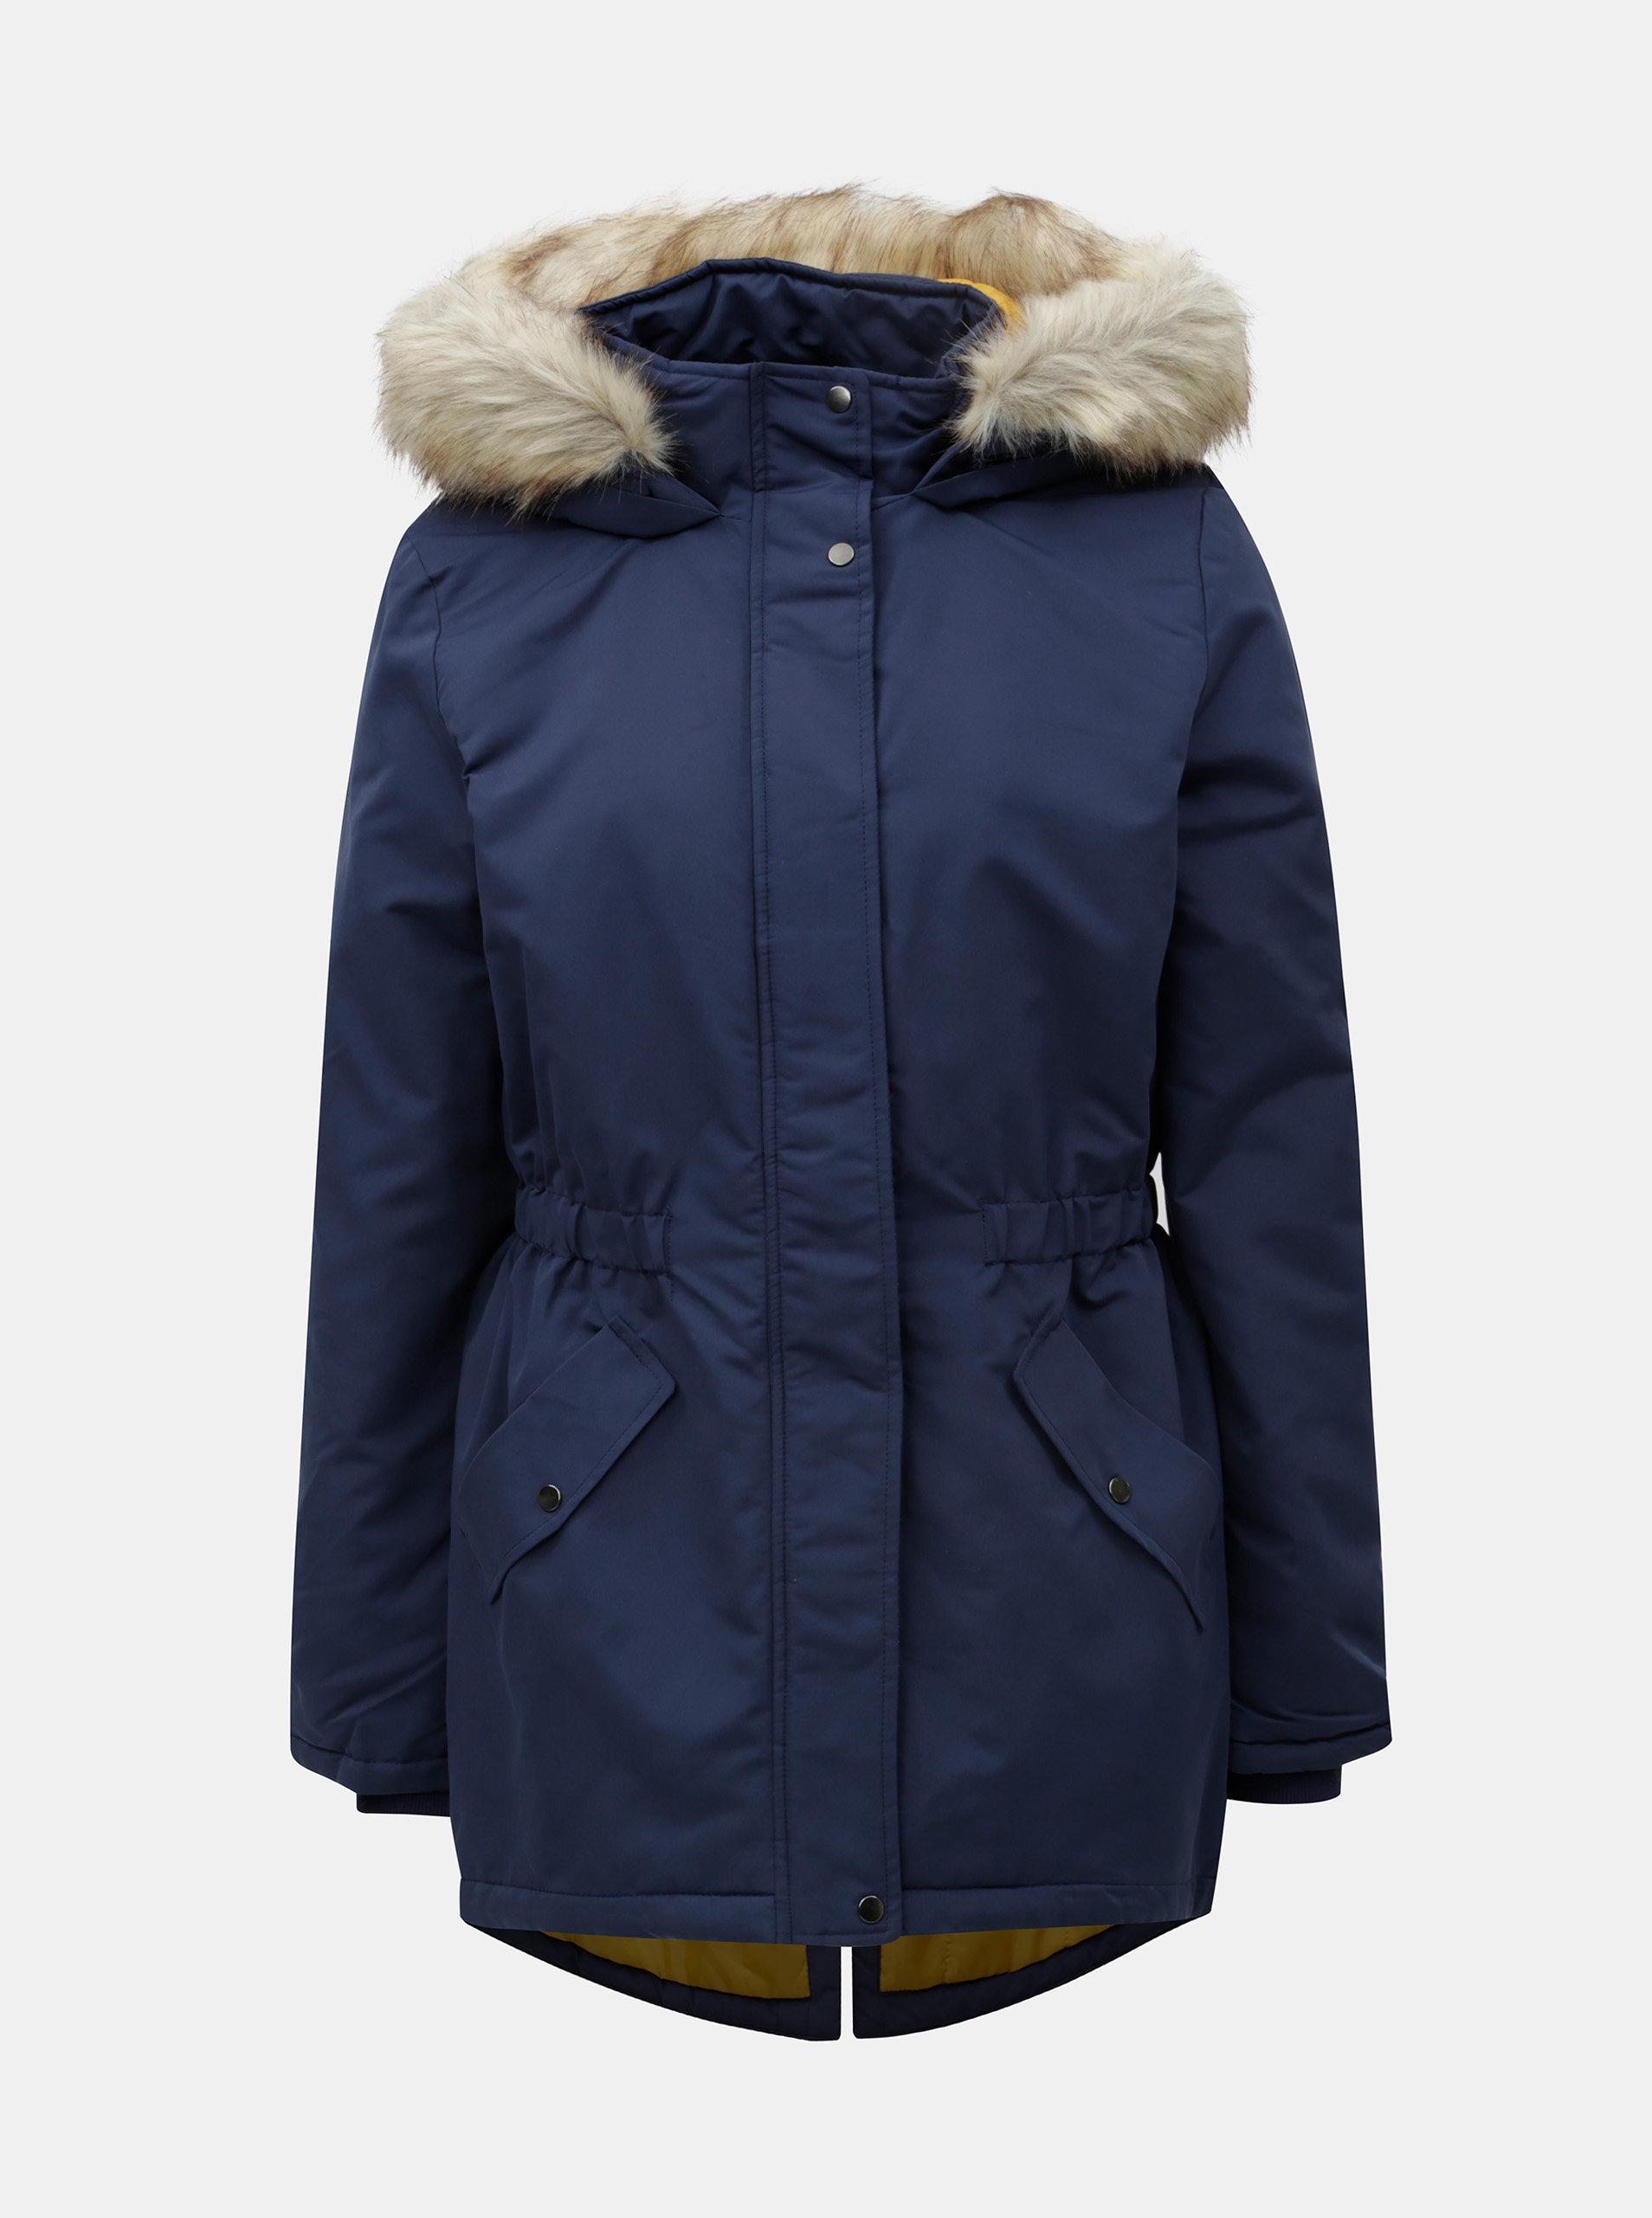 Tmavě modrá dlouhá zimní bunda Jacqueline de Yong Star